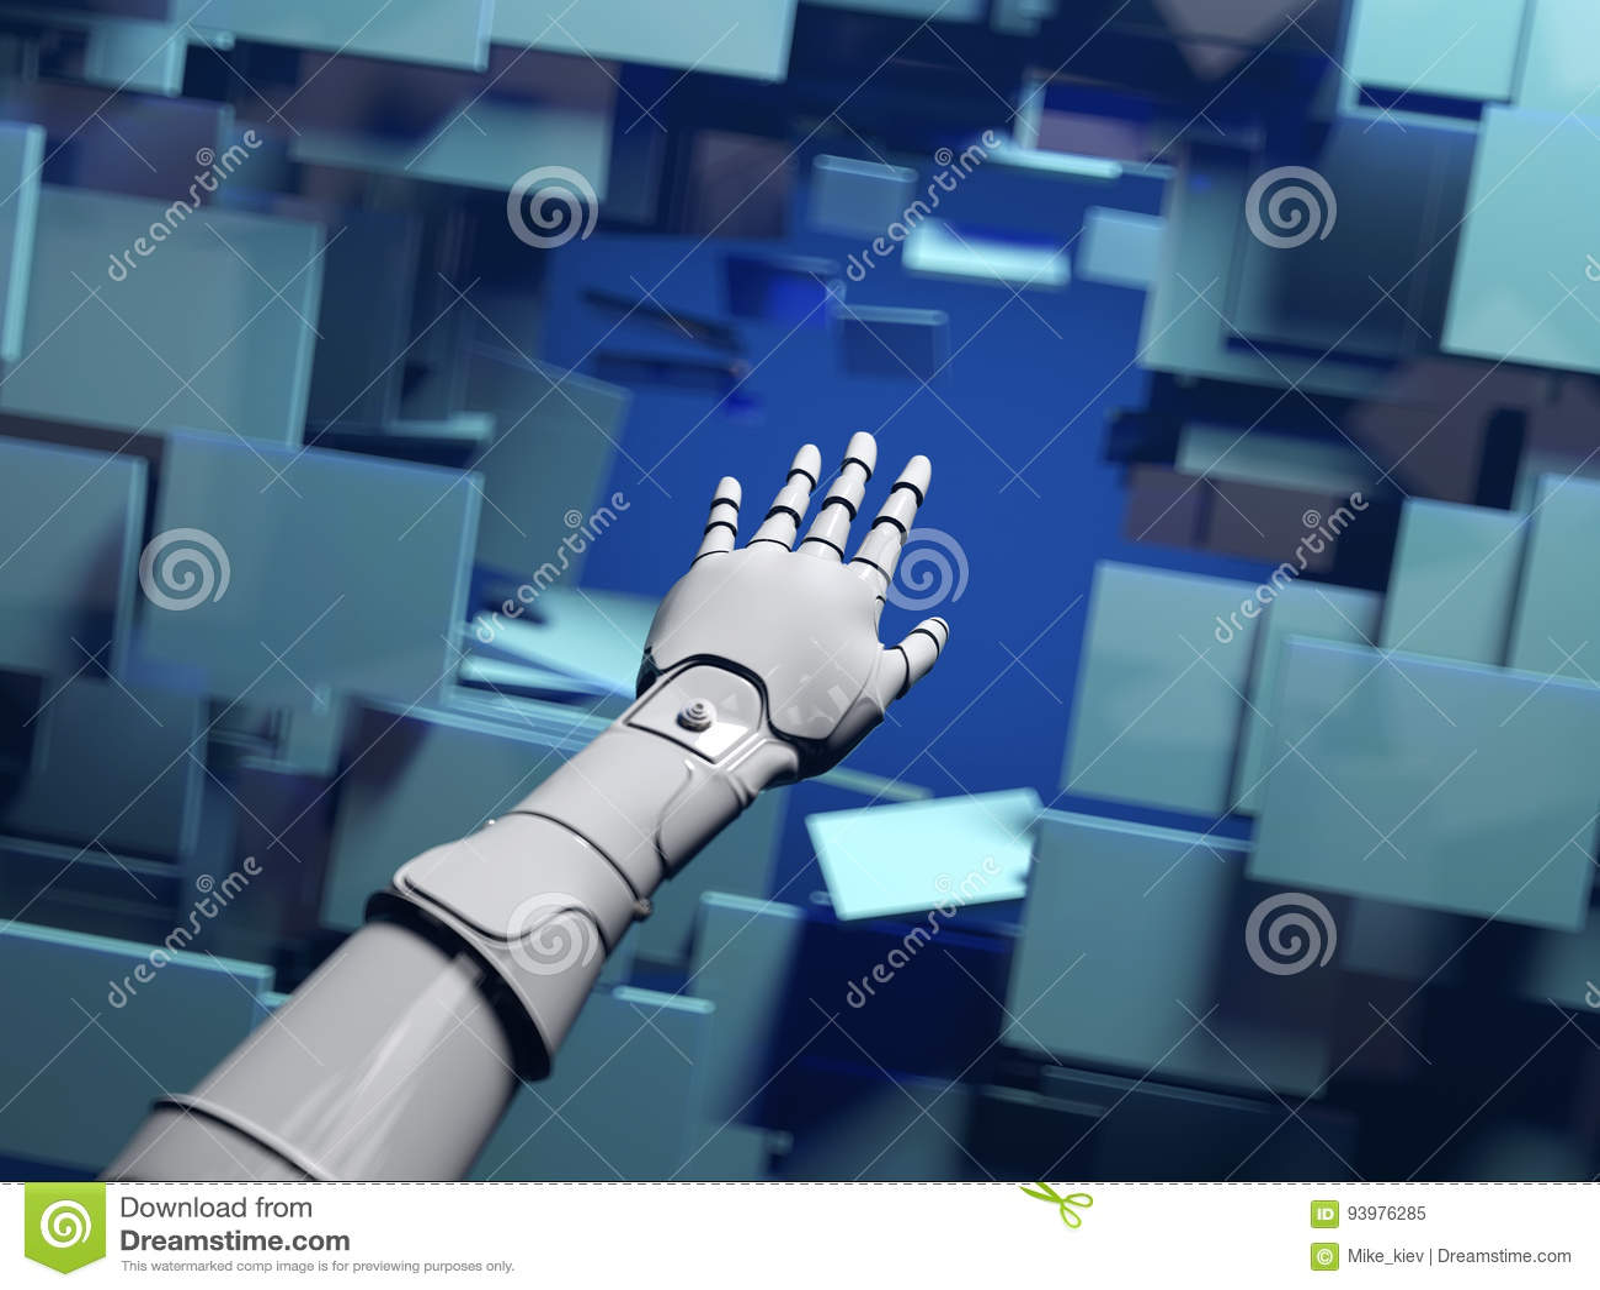 Robot hand passes through a barrier